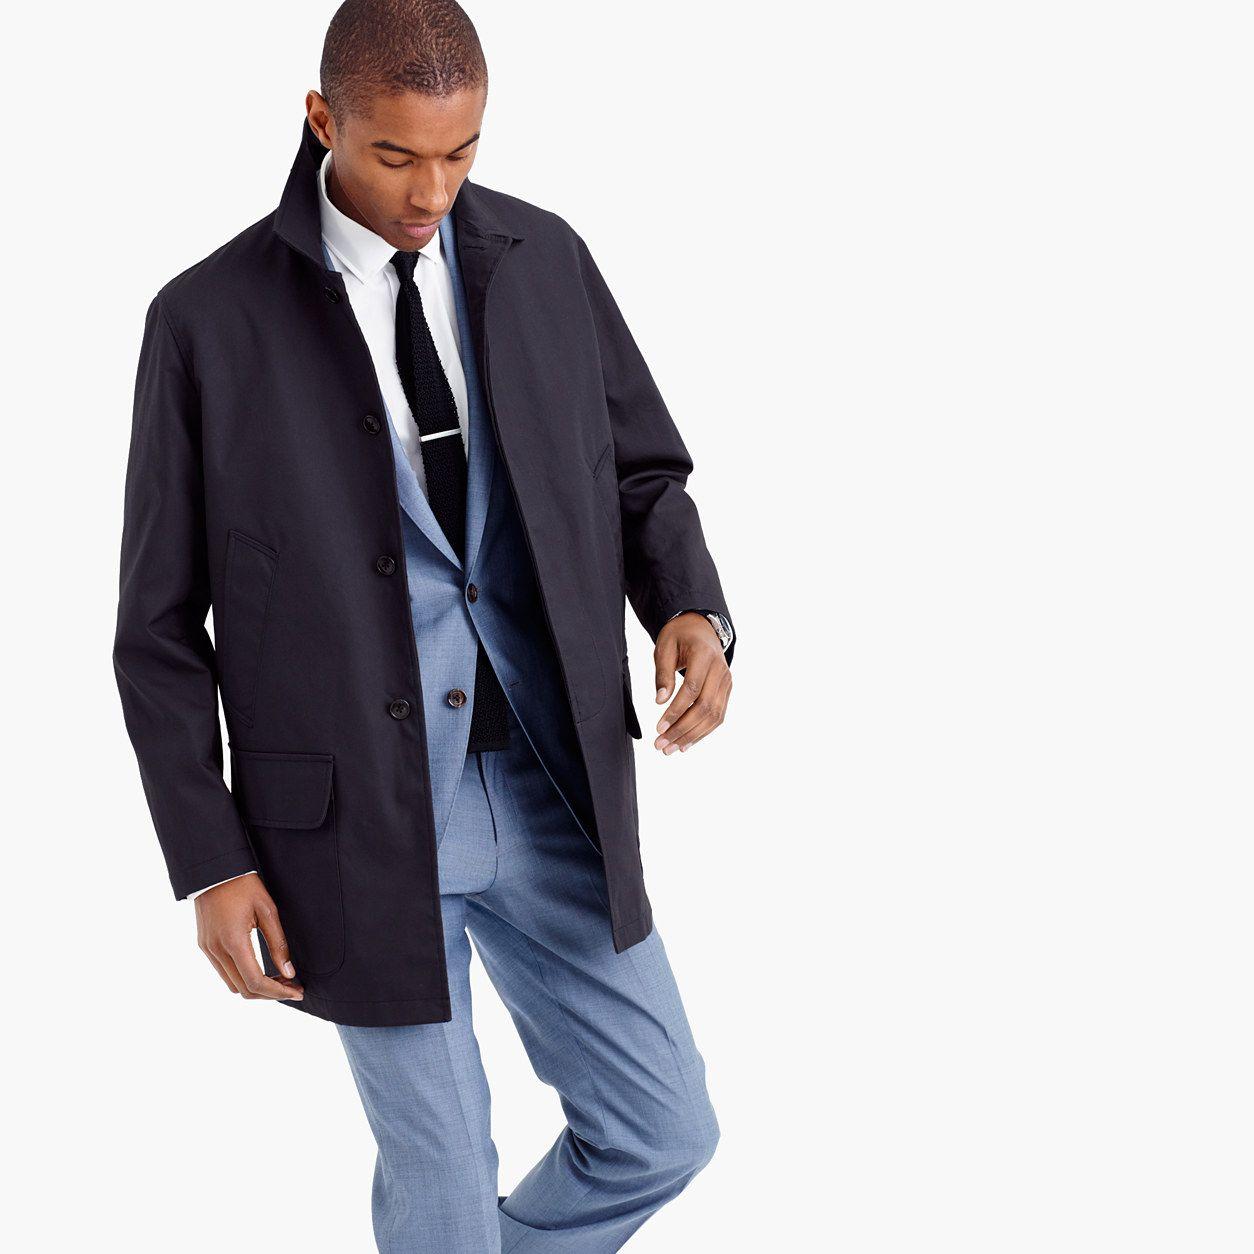 Water-repellent bonded mac jacket : lightweight jackets | J.Crew ...